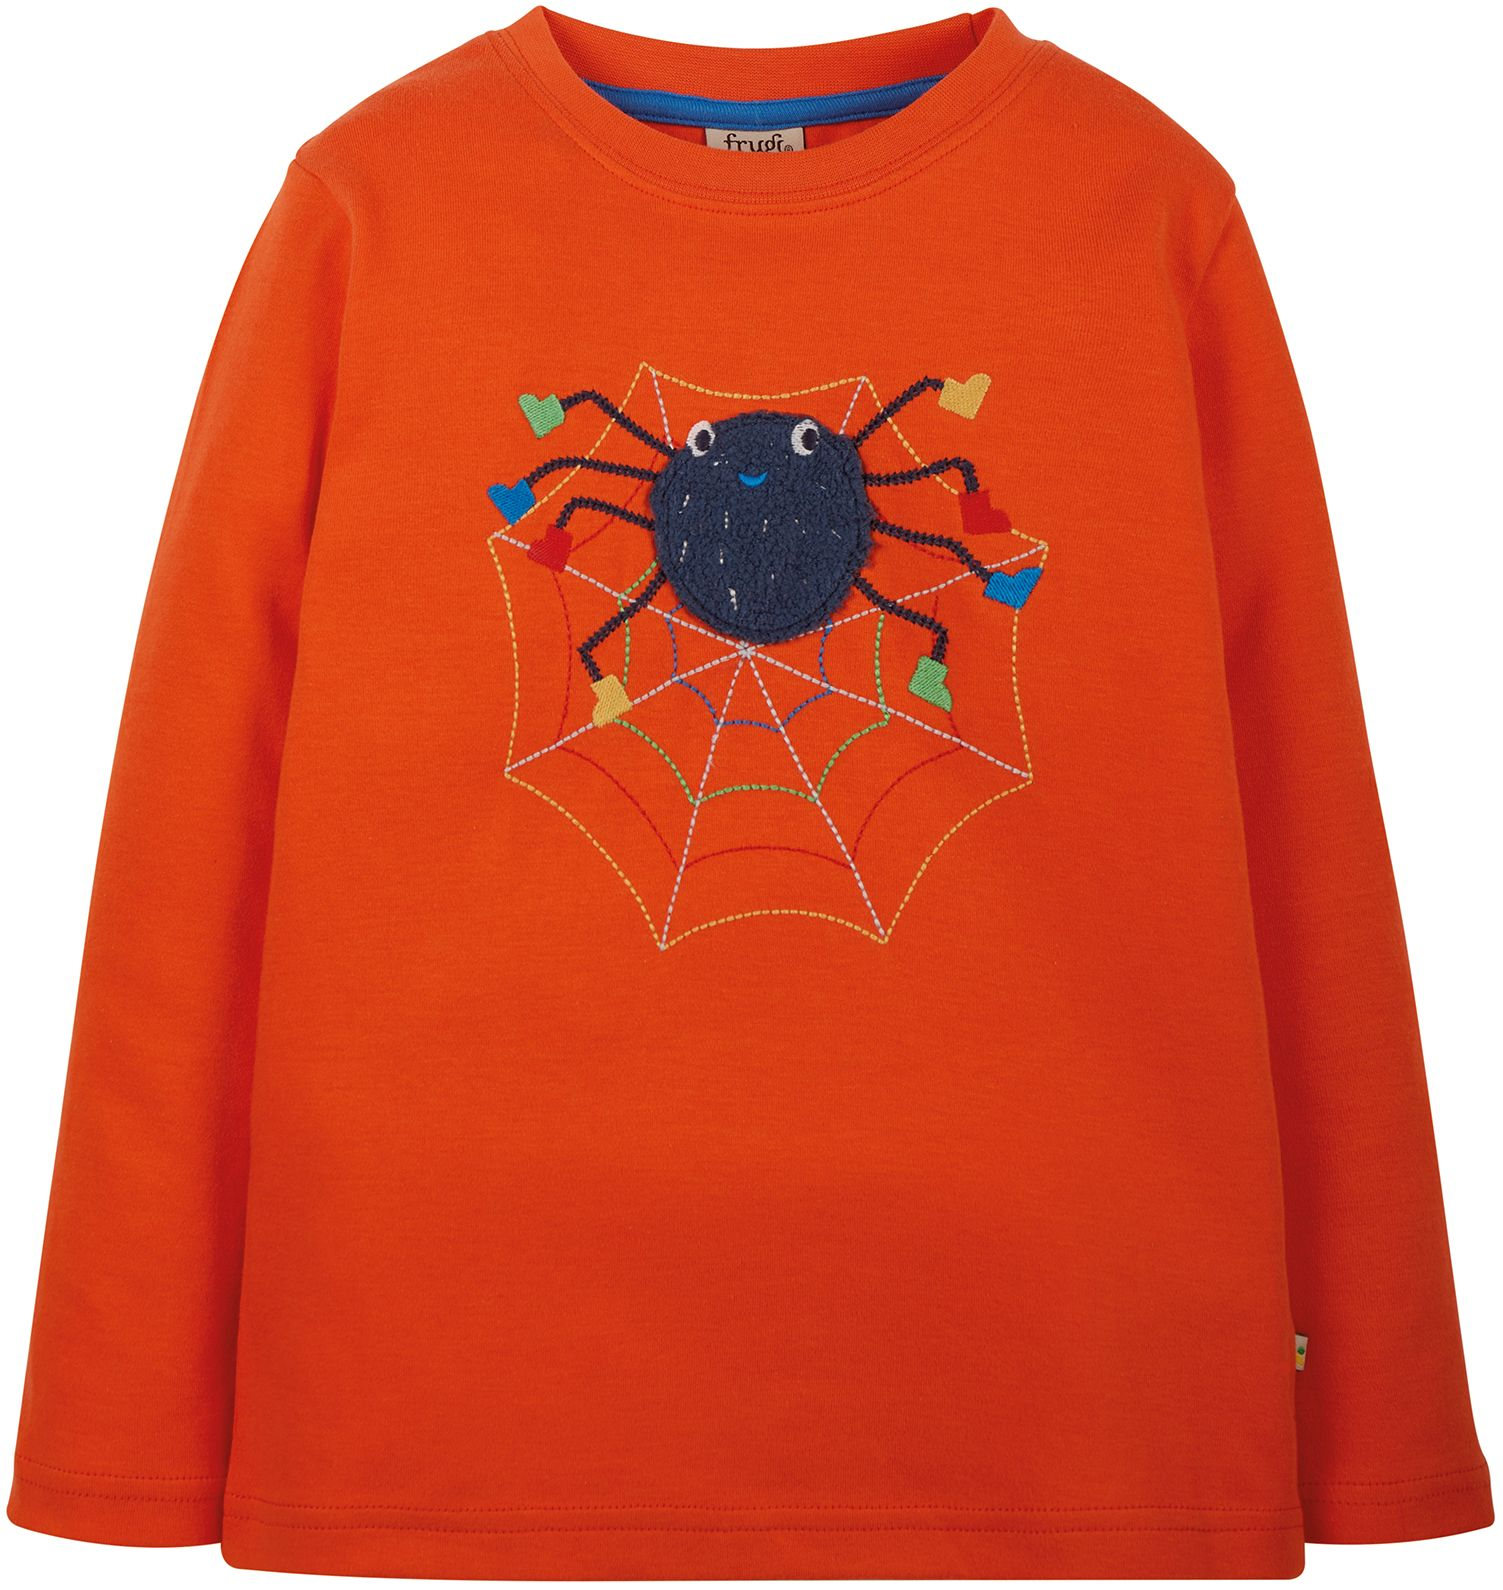 Kinder-Longsleeve mit Spinnen-Stickerei